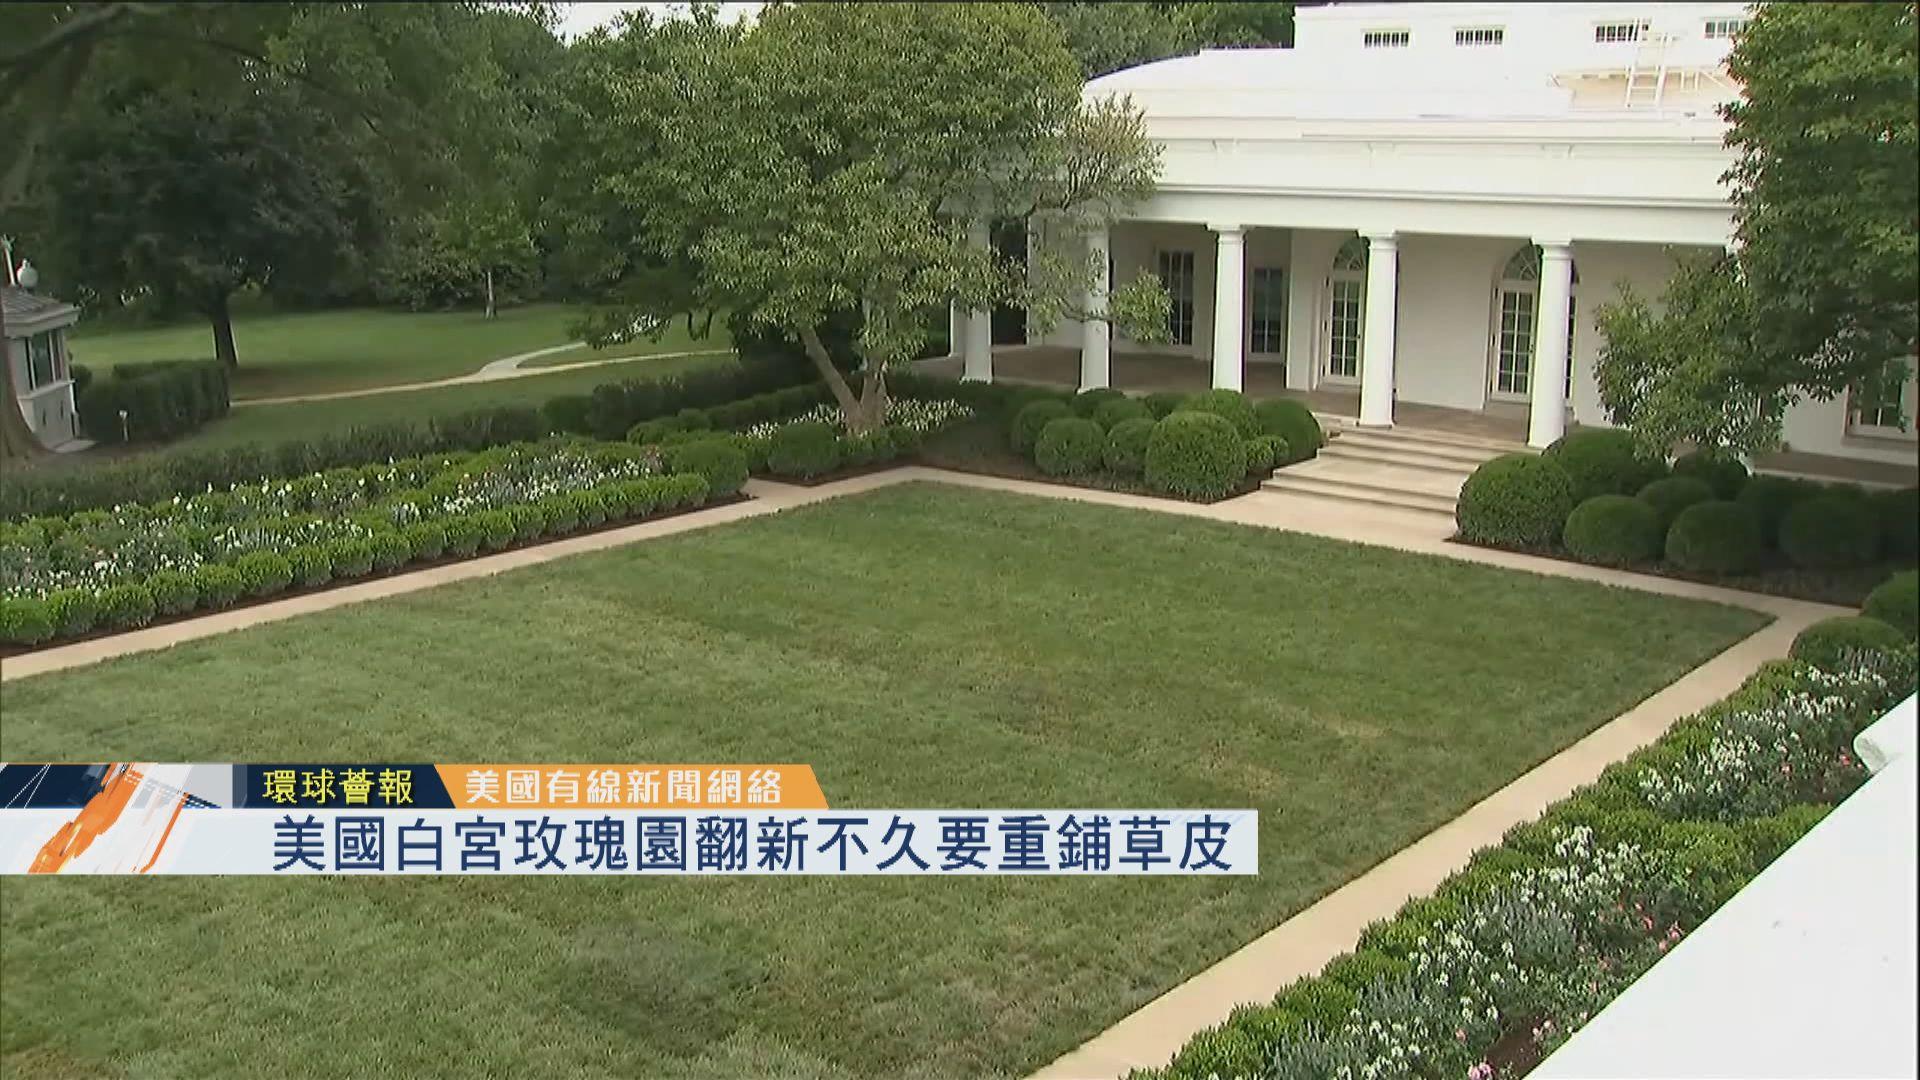 【環球薈報】美國白宮玫瑰園翻新不久要重鋪草皮